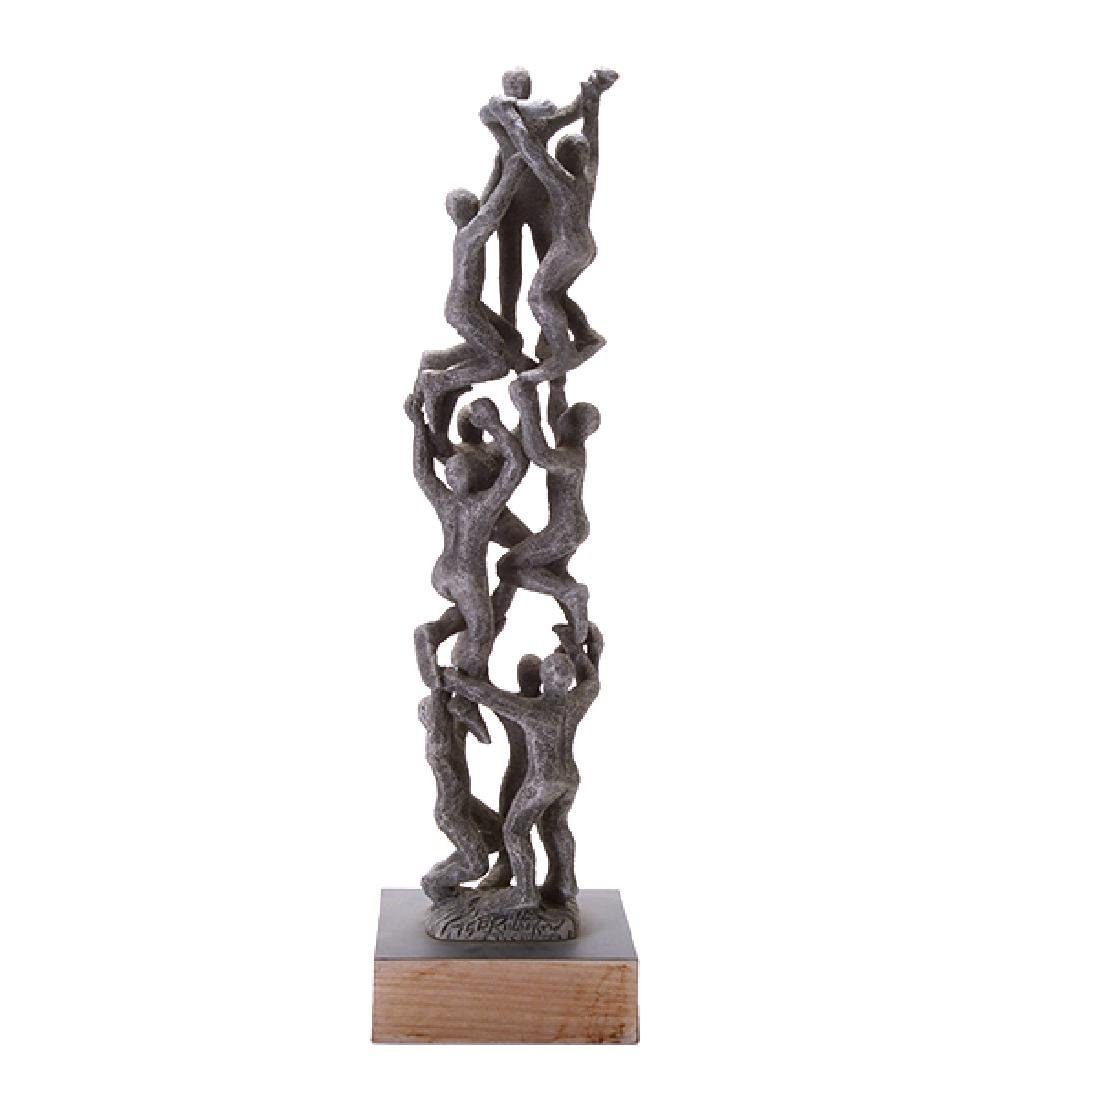 Modern Figural Cast Metal Sculpture, Signed F. - 2